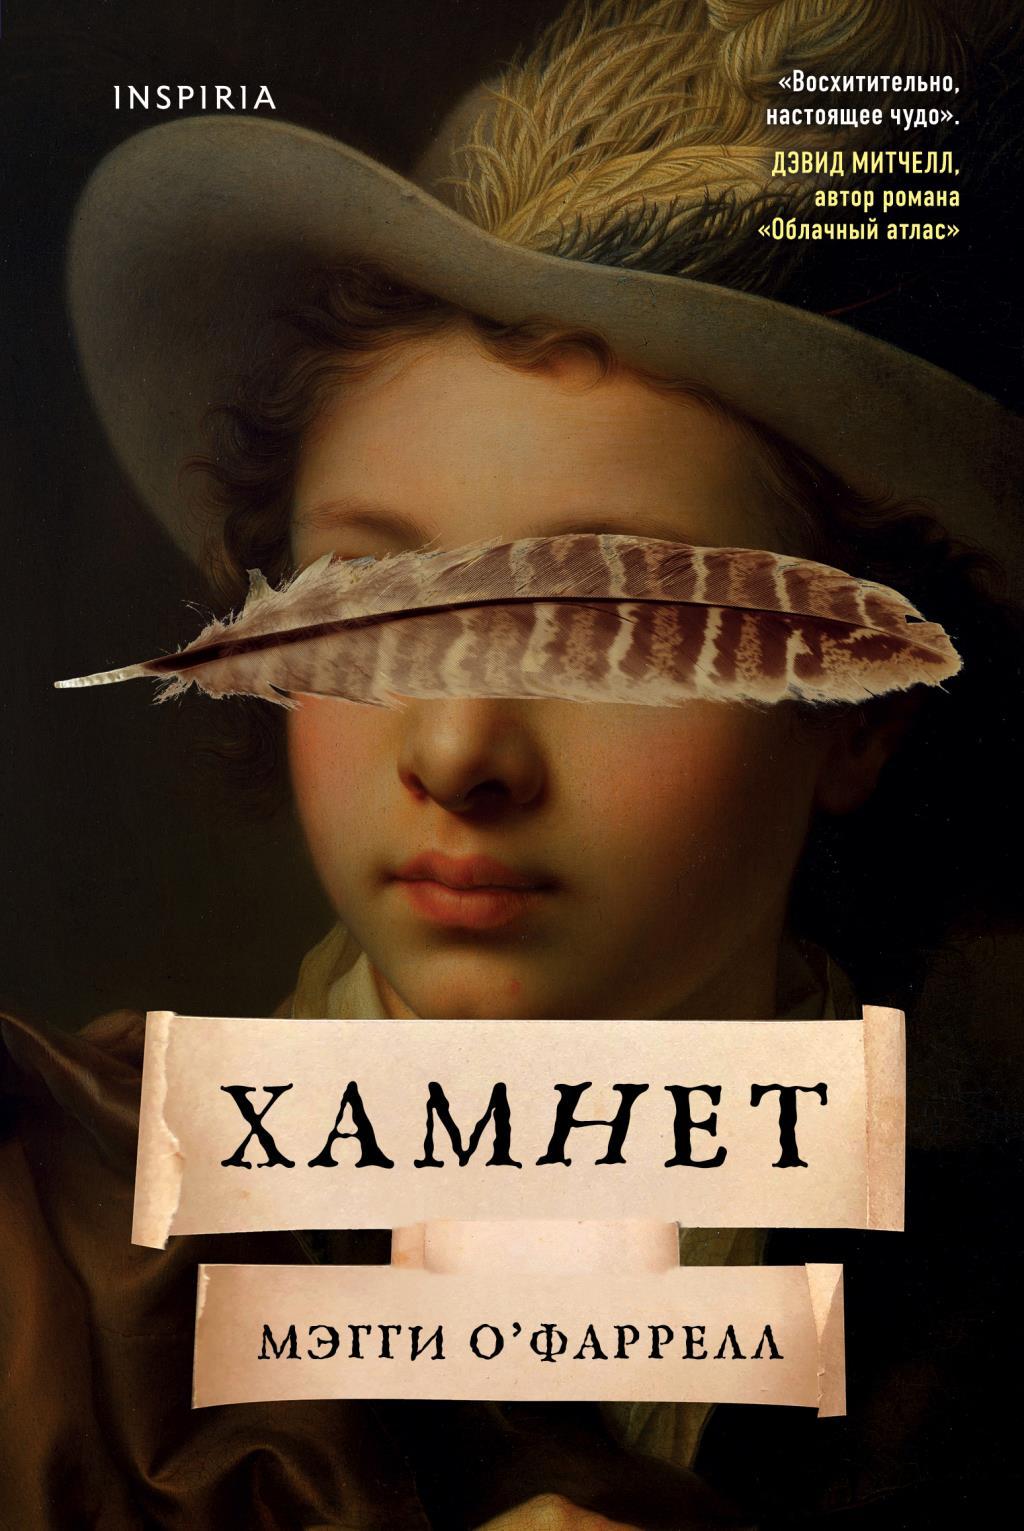 Бестселлер о гибели единственного сына Шекспира